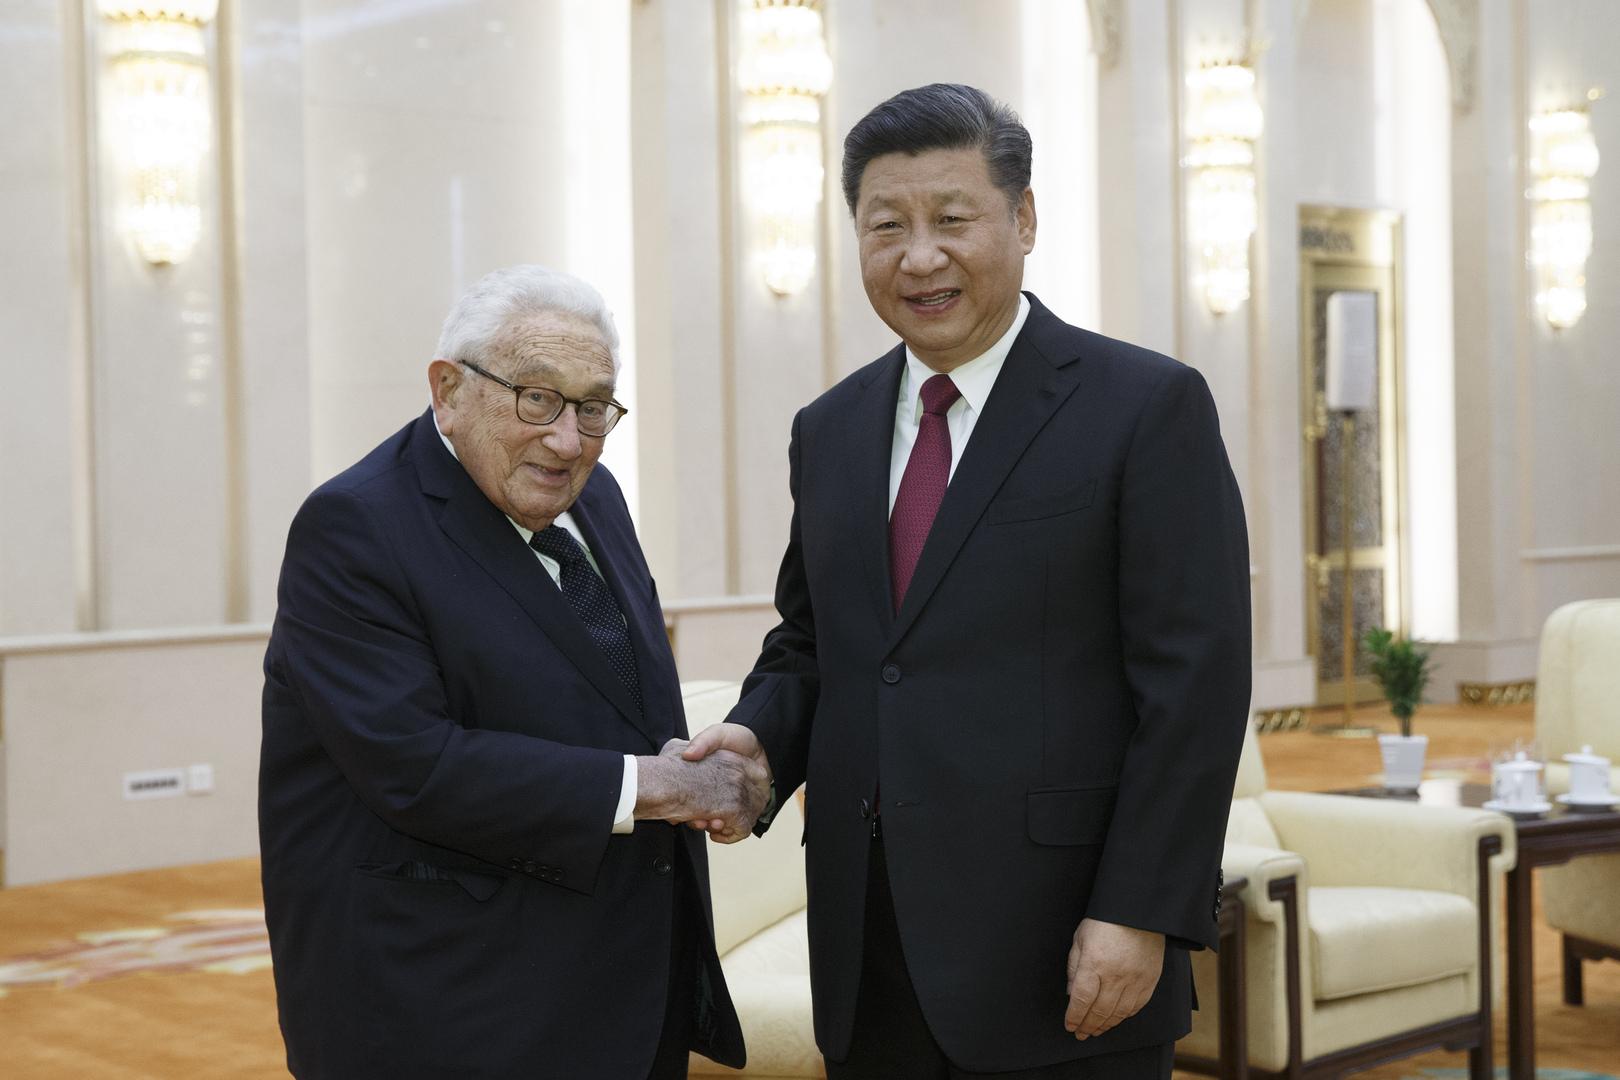 كيسنجر يدعو إلى  تكرار حيلة مع الصين جربت سابقا مع الاتحاد السوفيتي